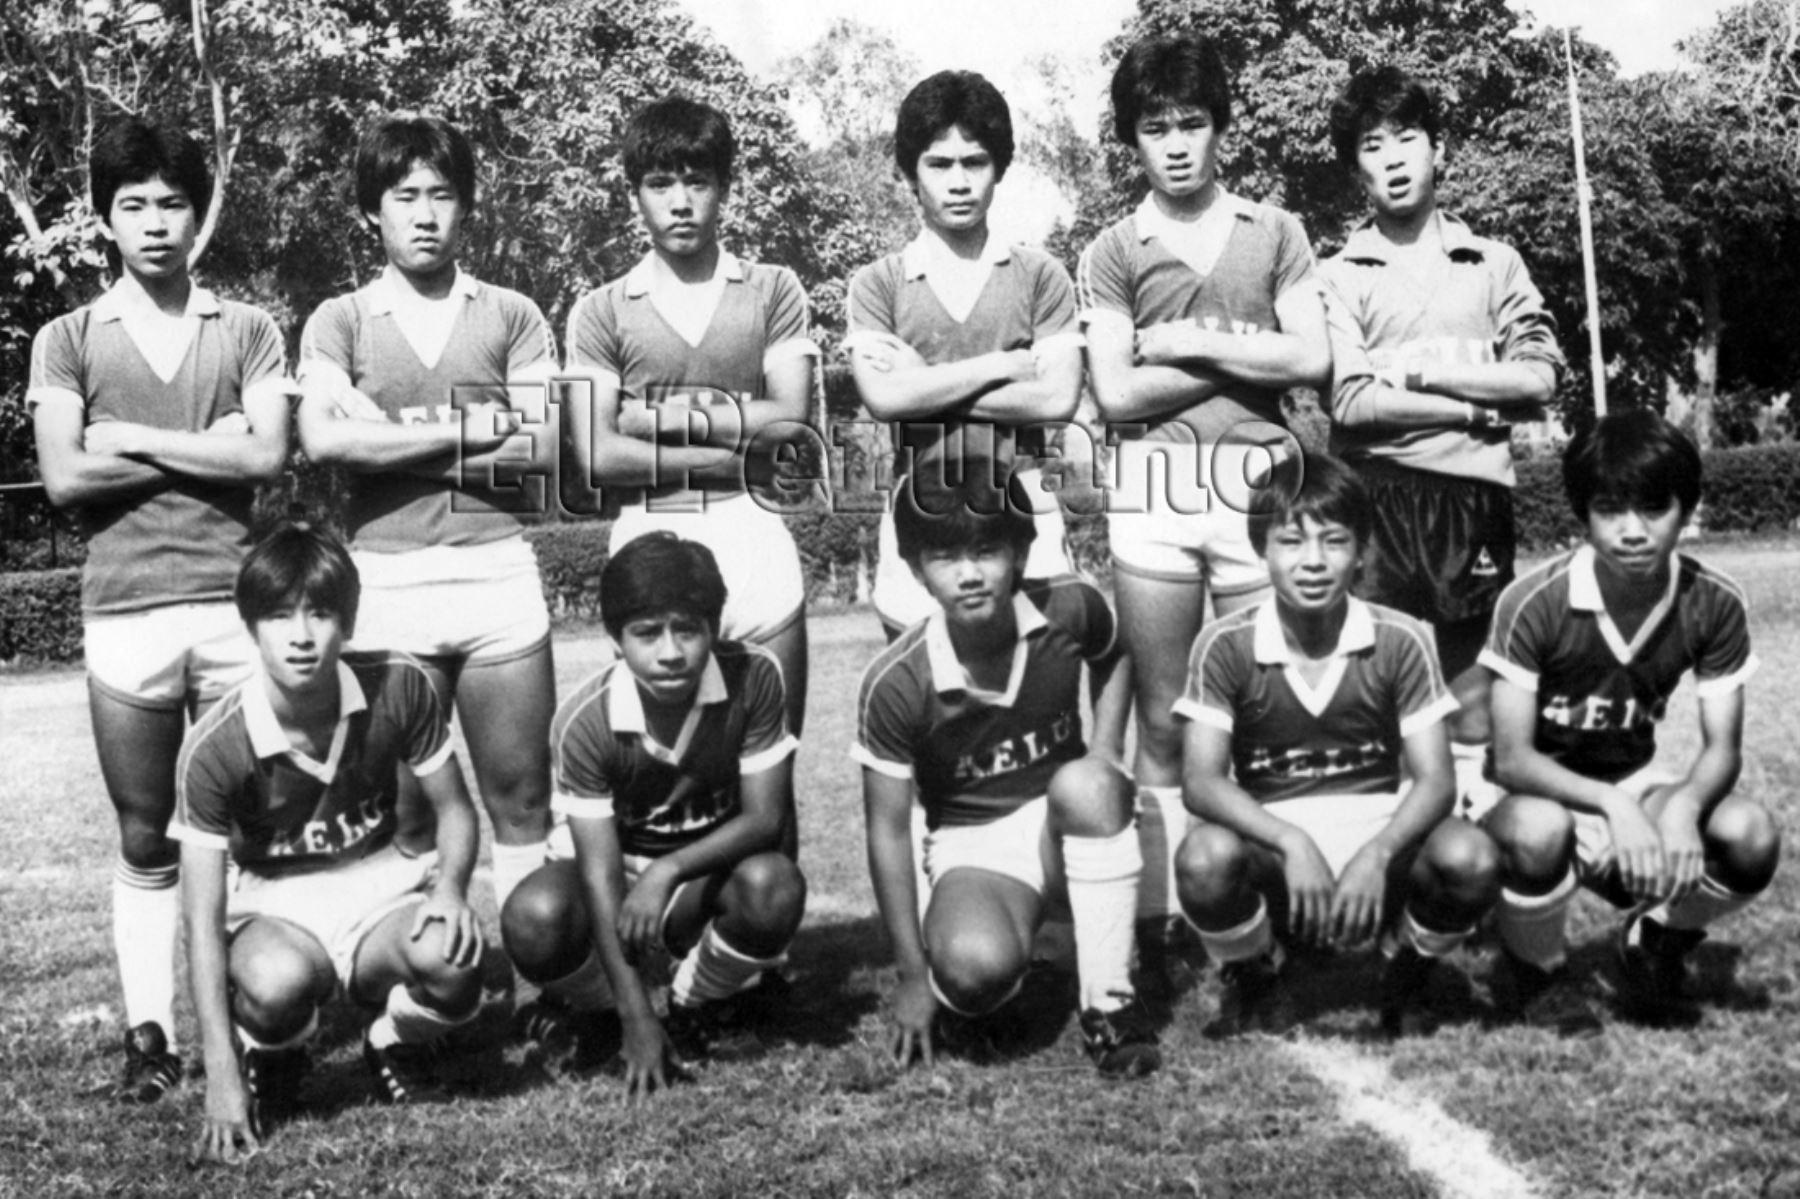 Lima - abril 1987 / Equipo de fútbol de la categoría 72 de Asociación Estadio la Unión - AELU.